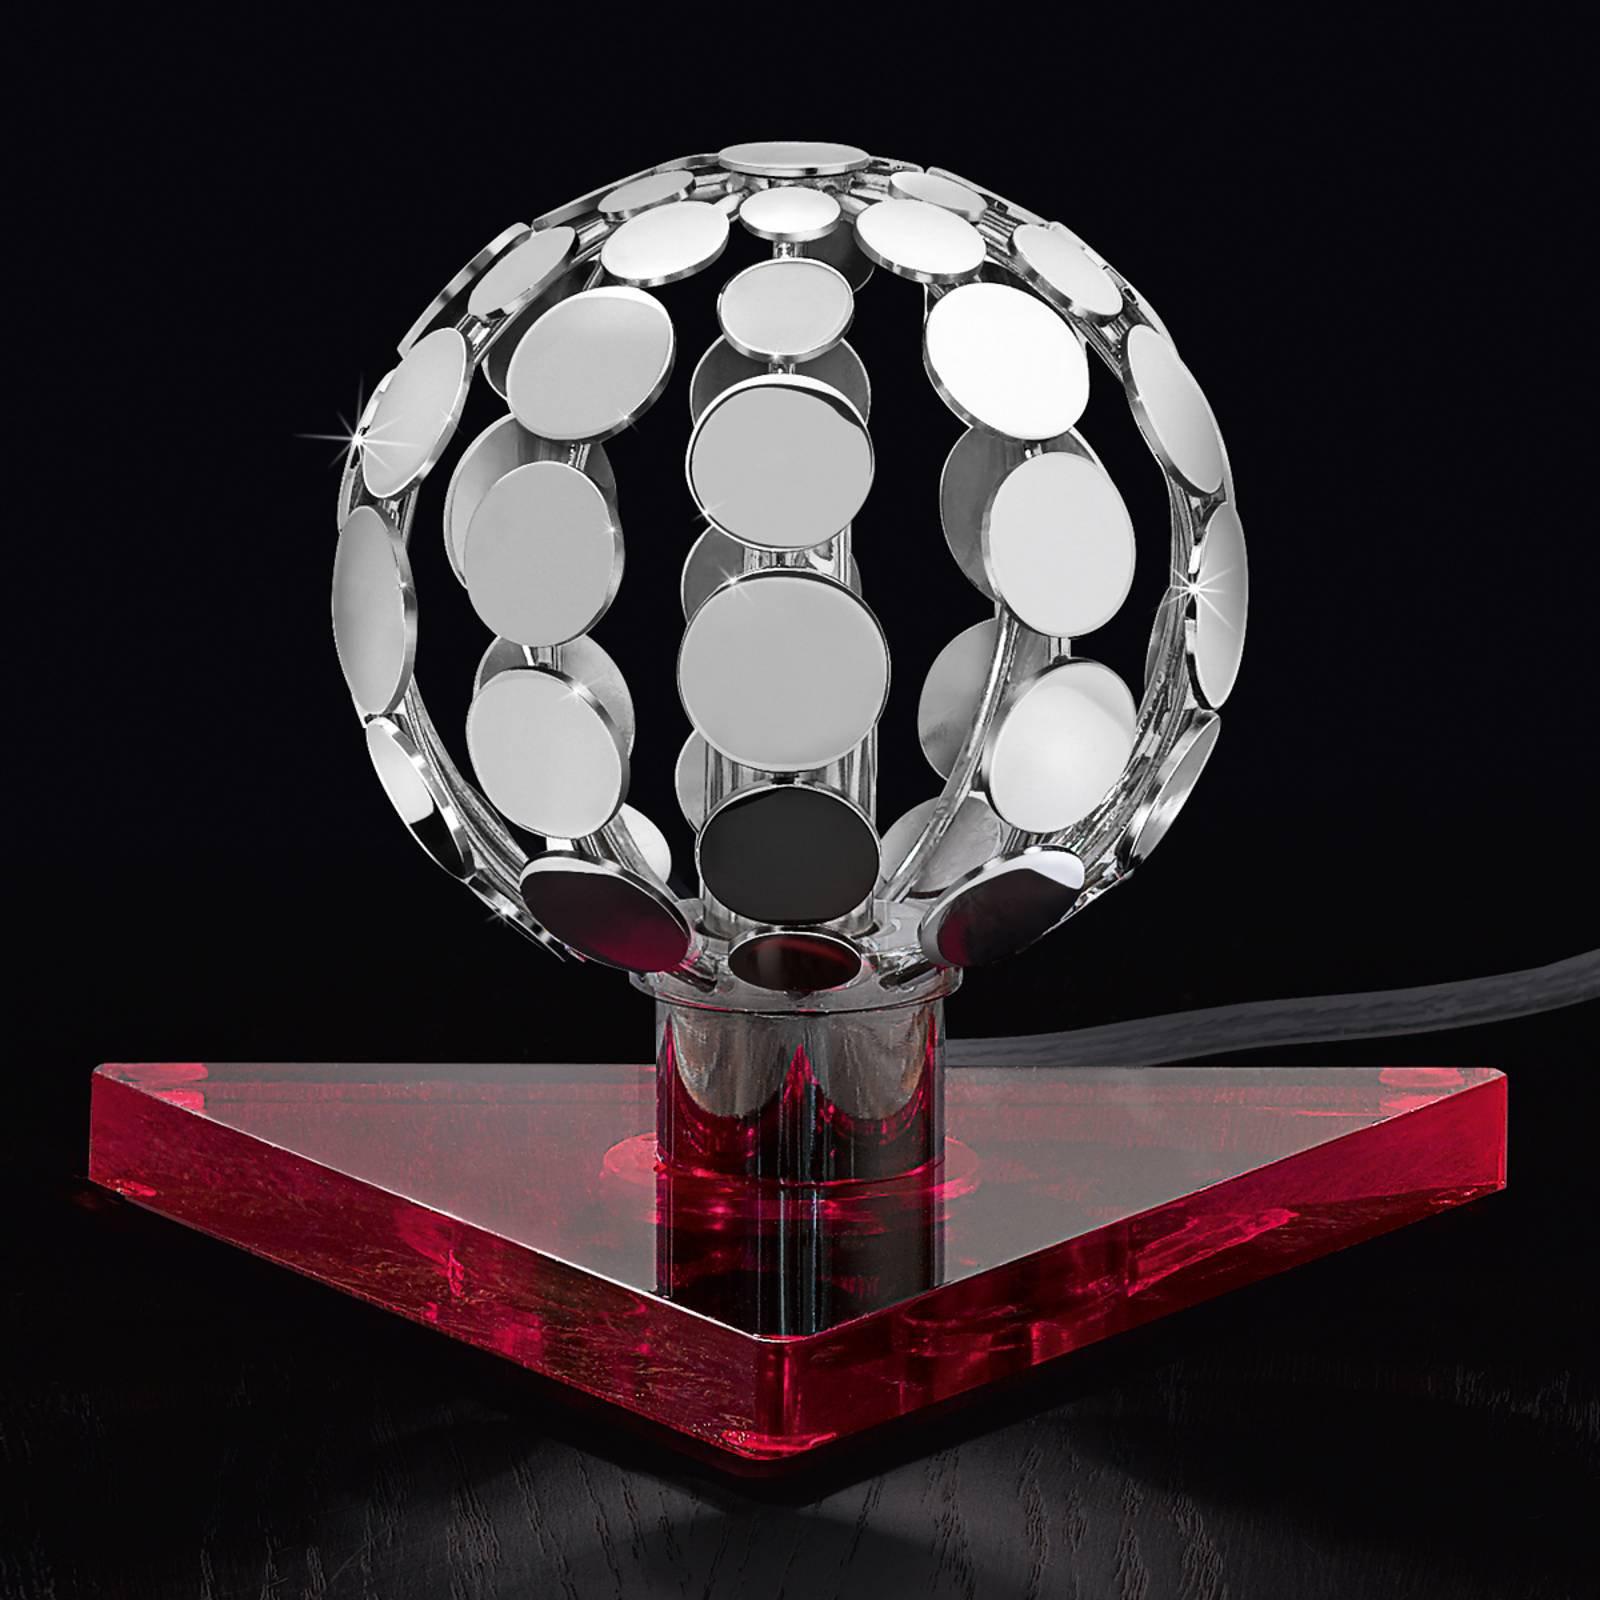 Sfera bordlampe med rød fot, 10 cm